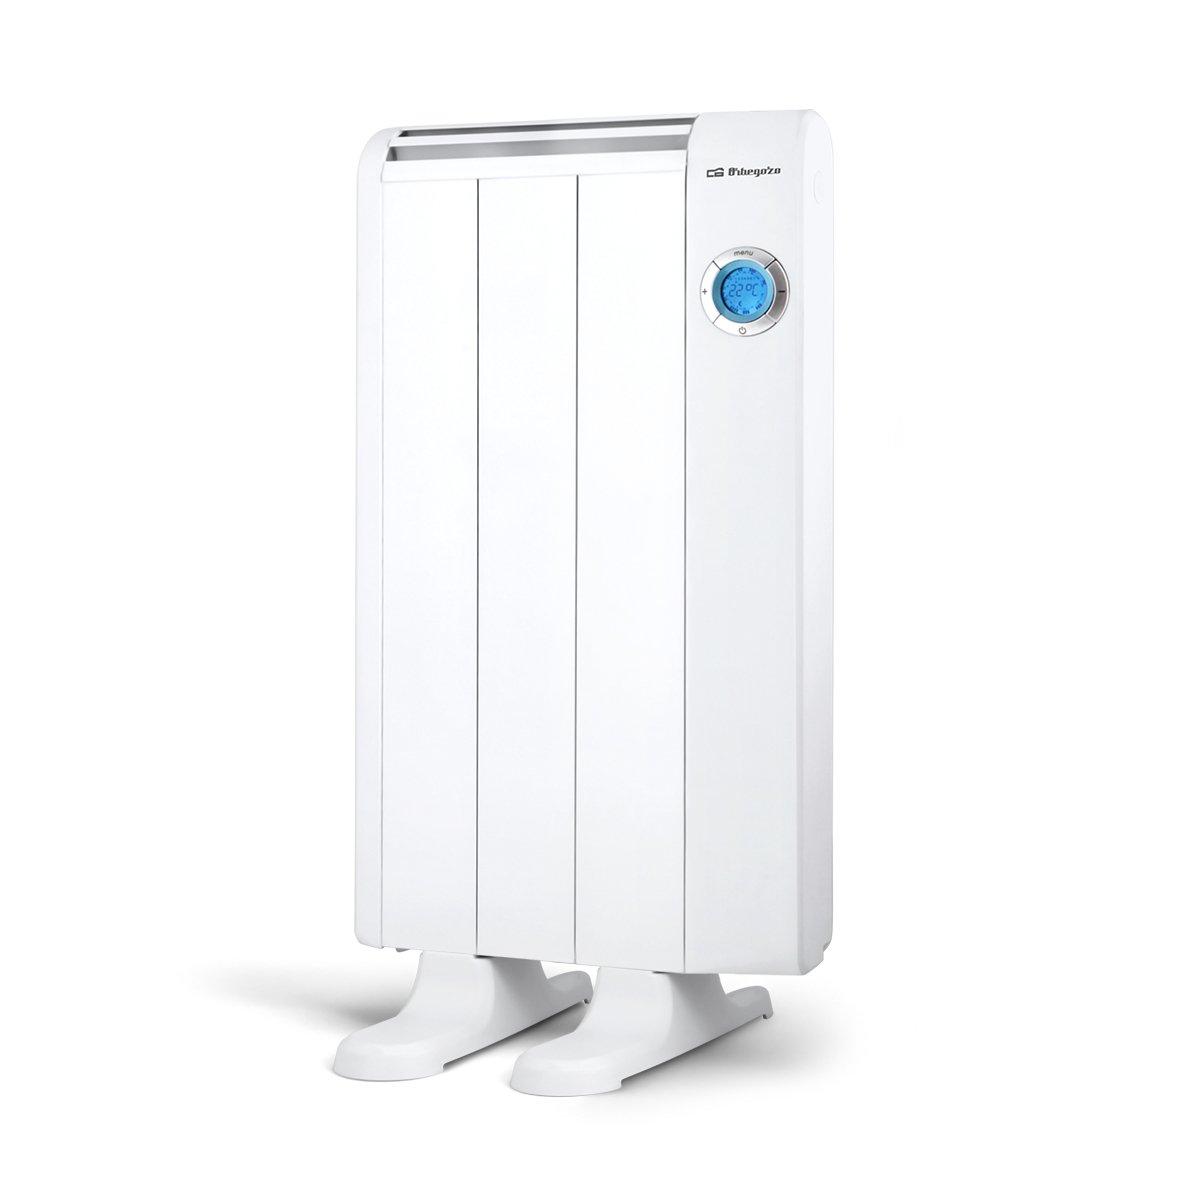 Orbegozo RRE 510 - Emisor térmico bajo consumo, 500 W de potencia, 3 elementos, pantalla digital LCD, mando a distancia y funcionamiento programable: ...